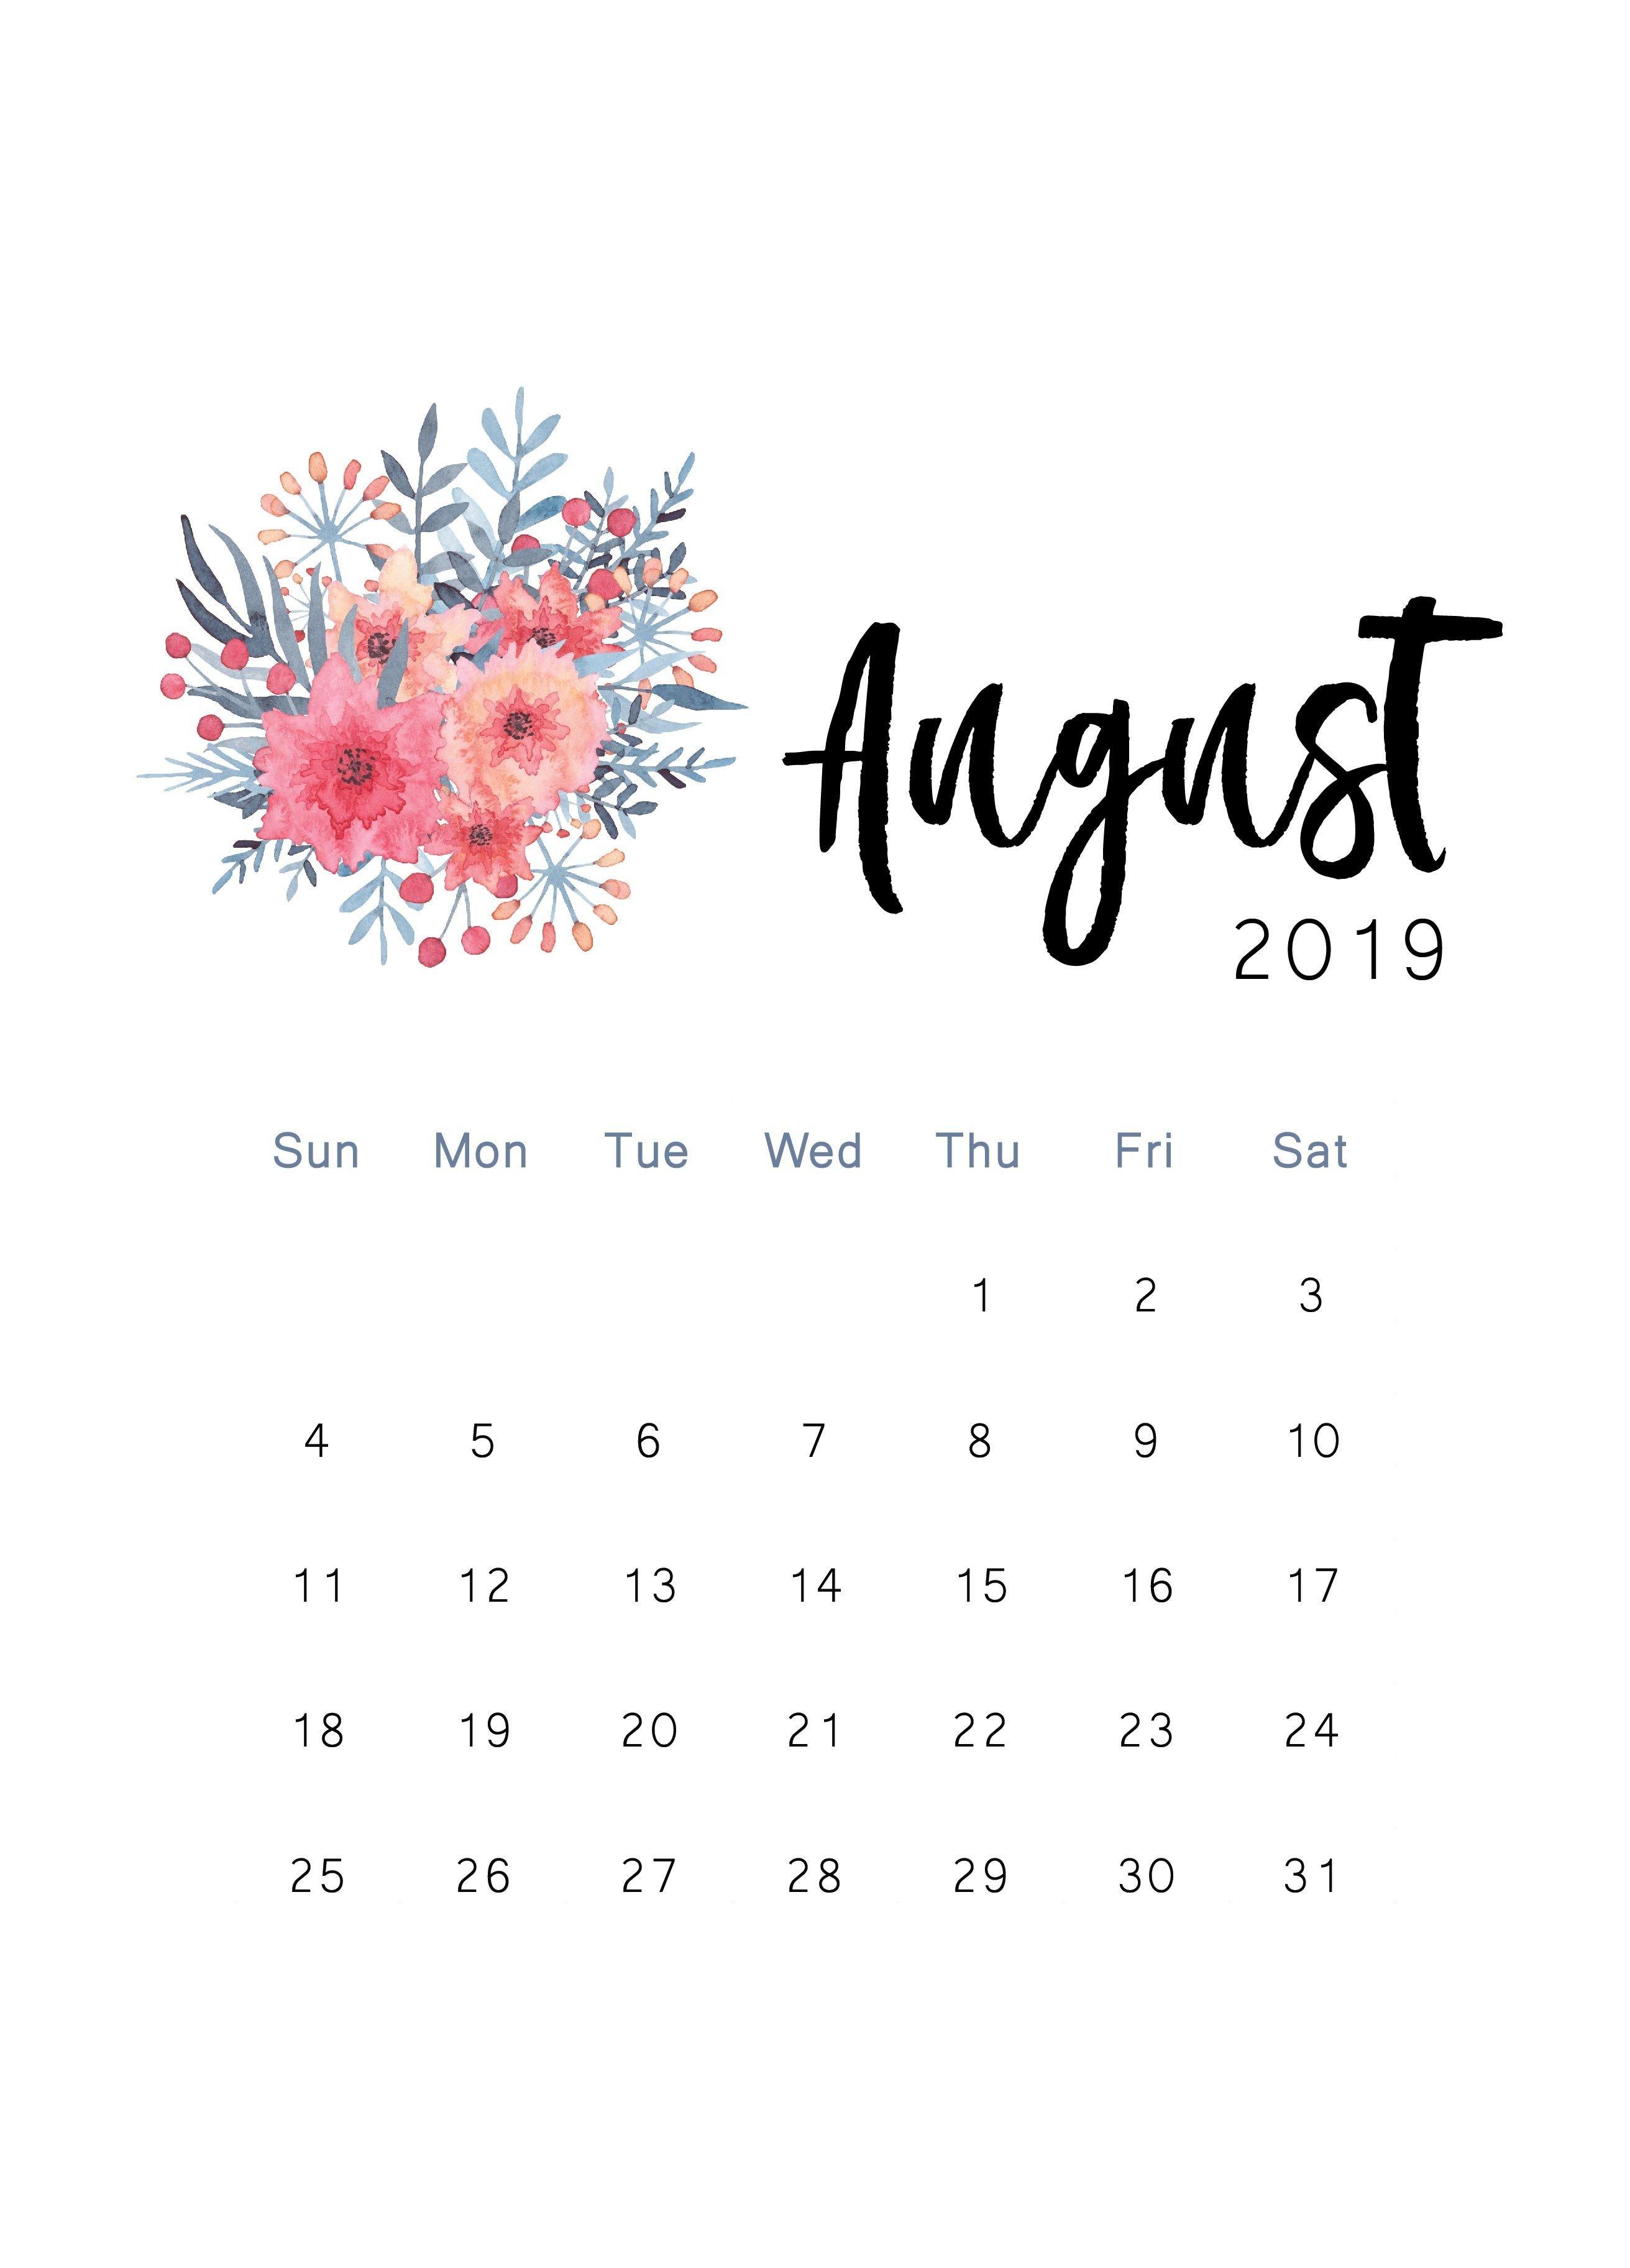 August 2019 Printable Calendar   The Cactus Creative   Print August 7 2019 Calendar